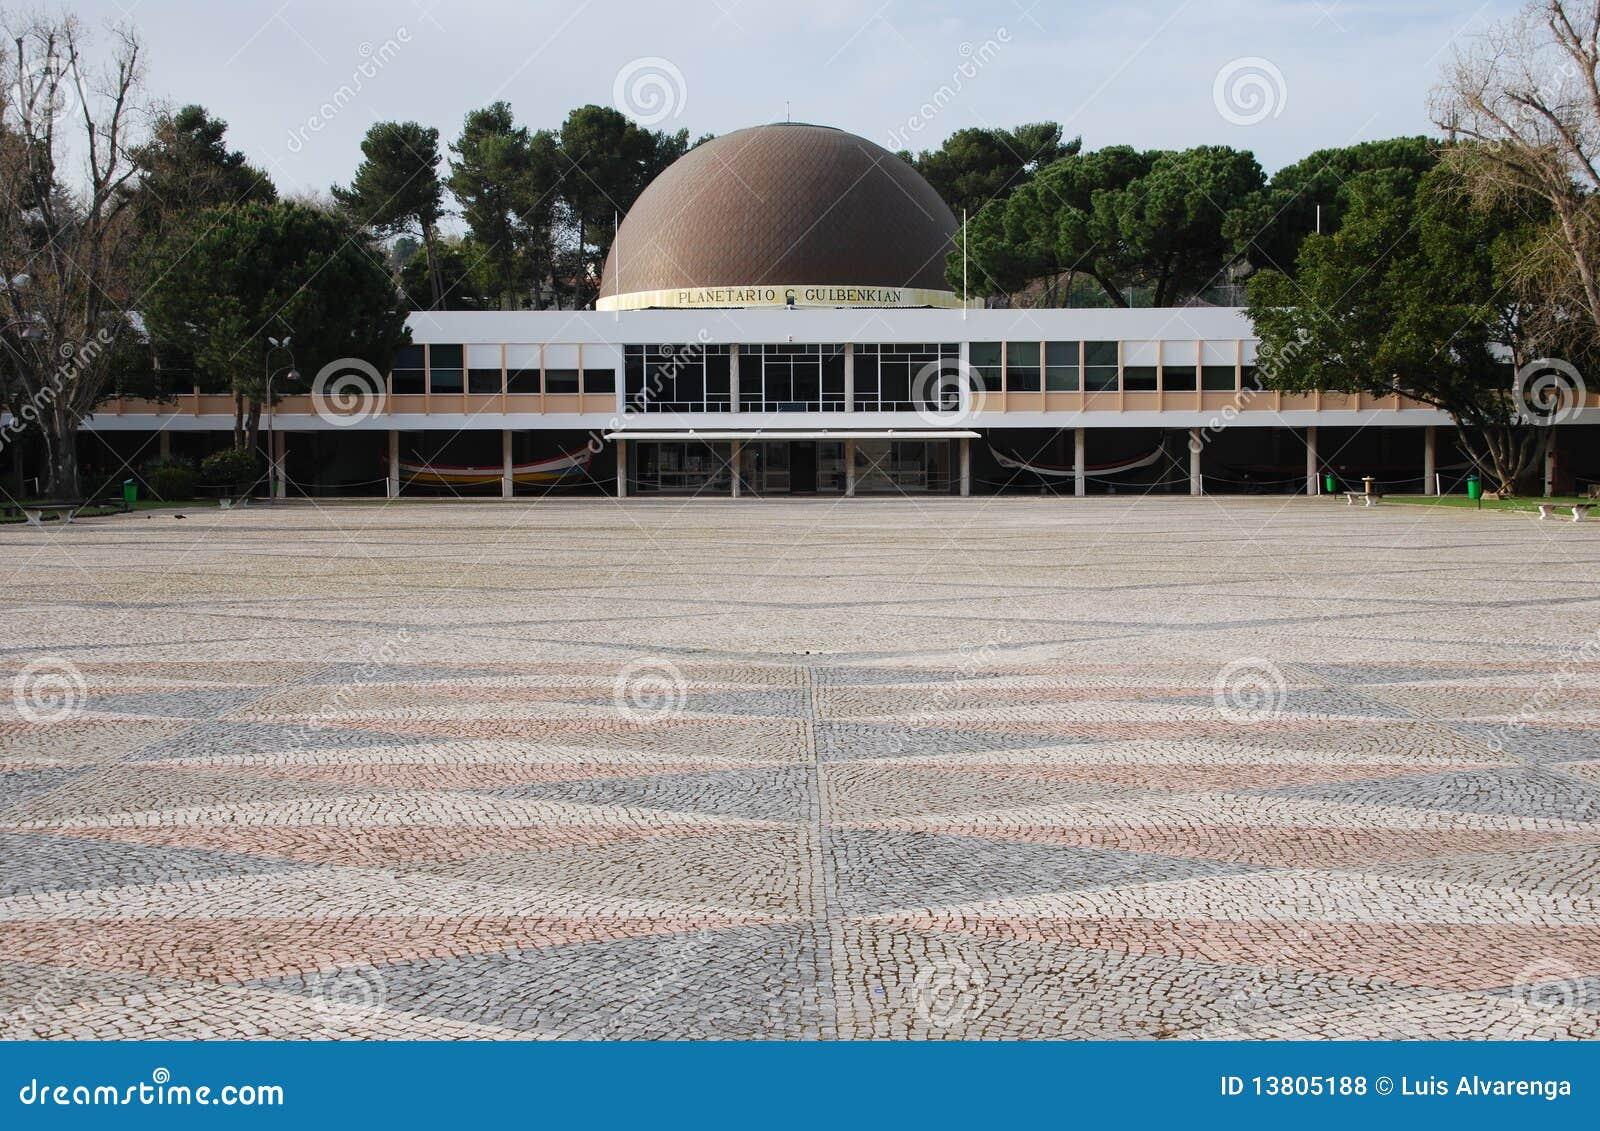 Planetario de Calouste Gulbenkian